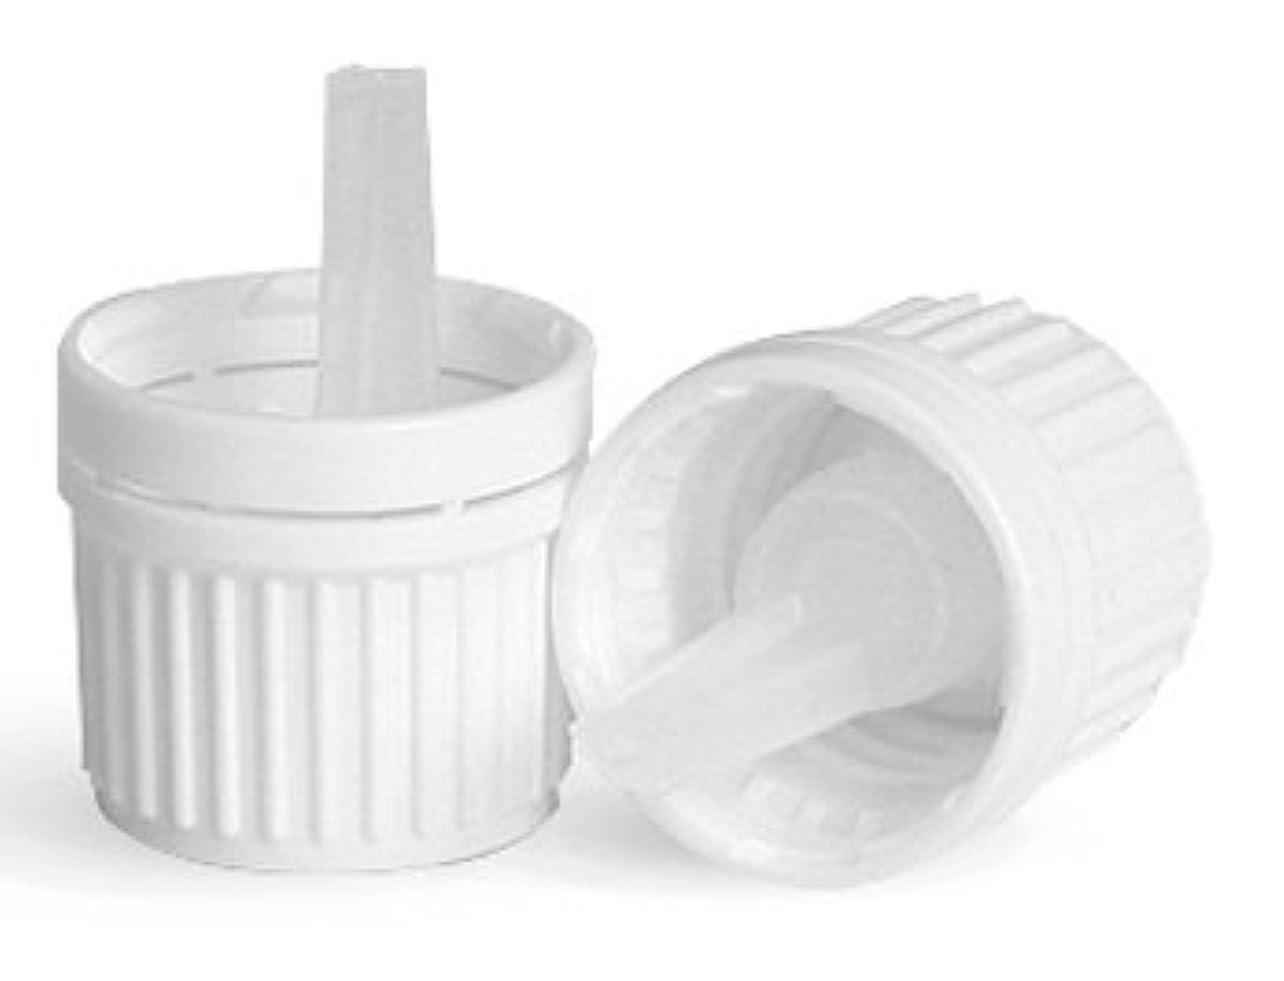 銛潜在的な先史時代の12 Pack of Essential Oil Bottle Caps w/ Orifice Reducing Droppers (White)